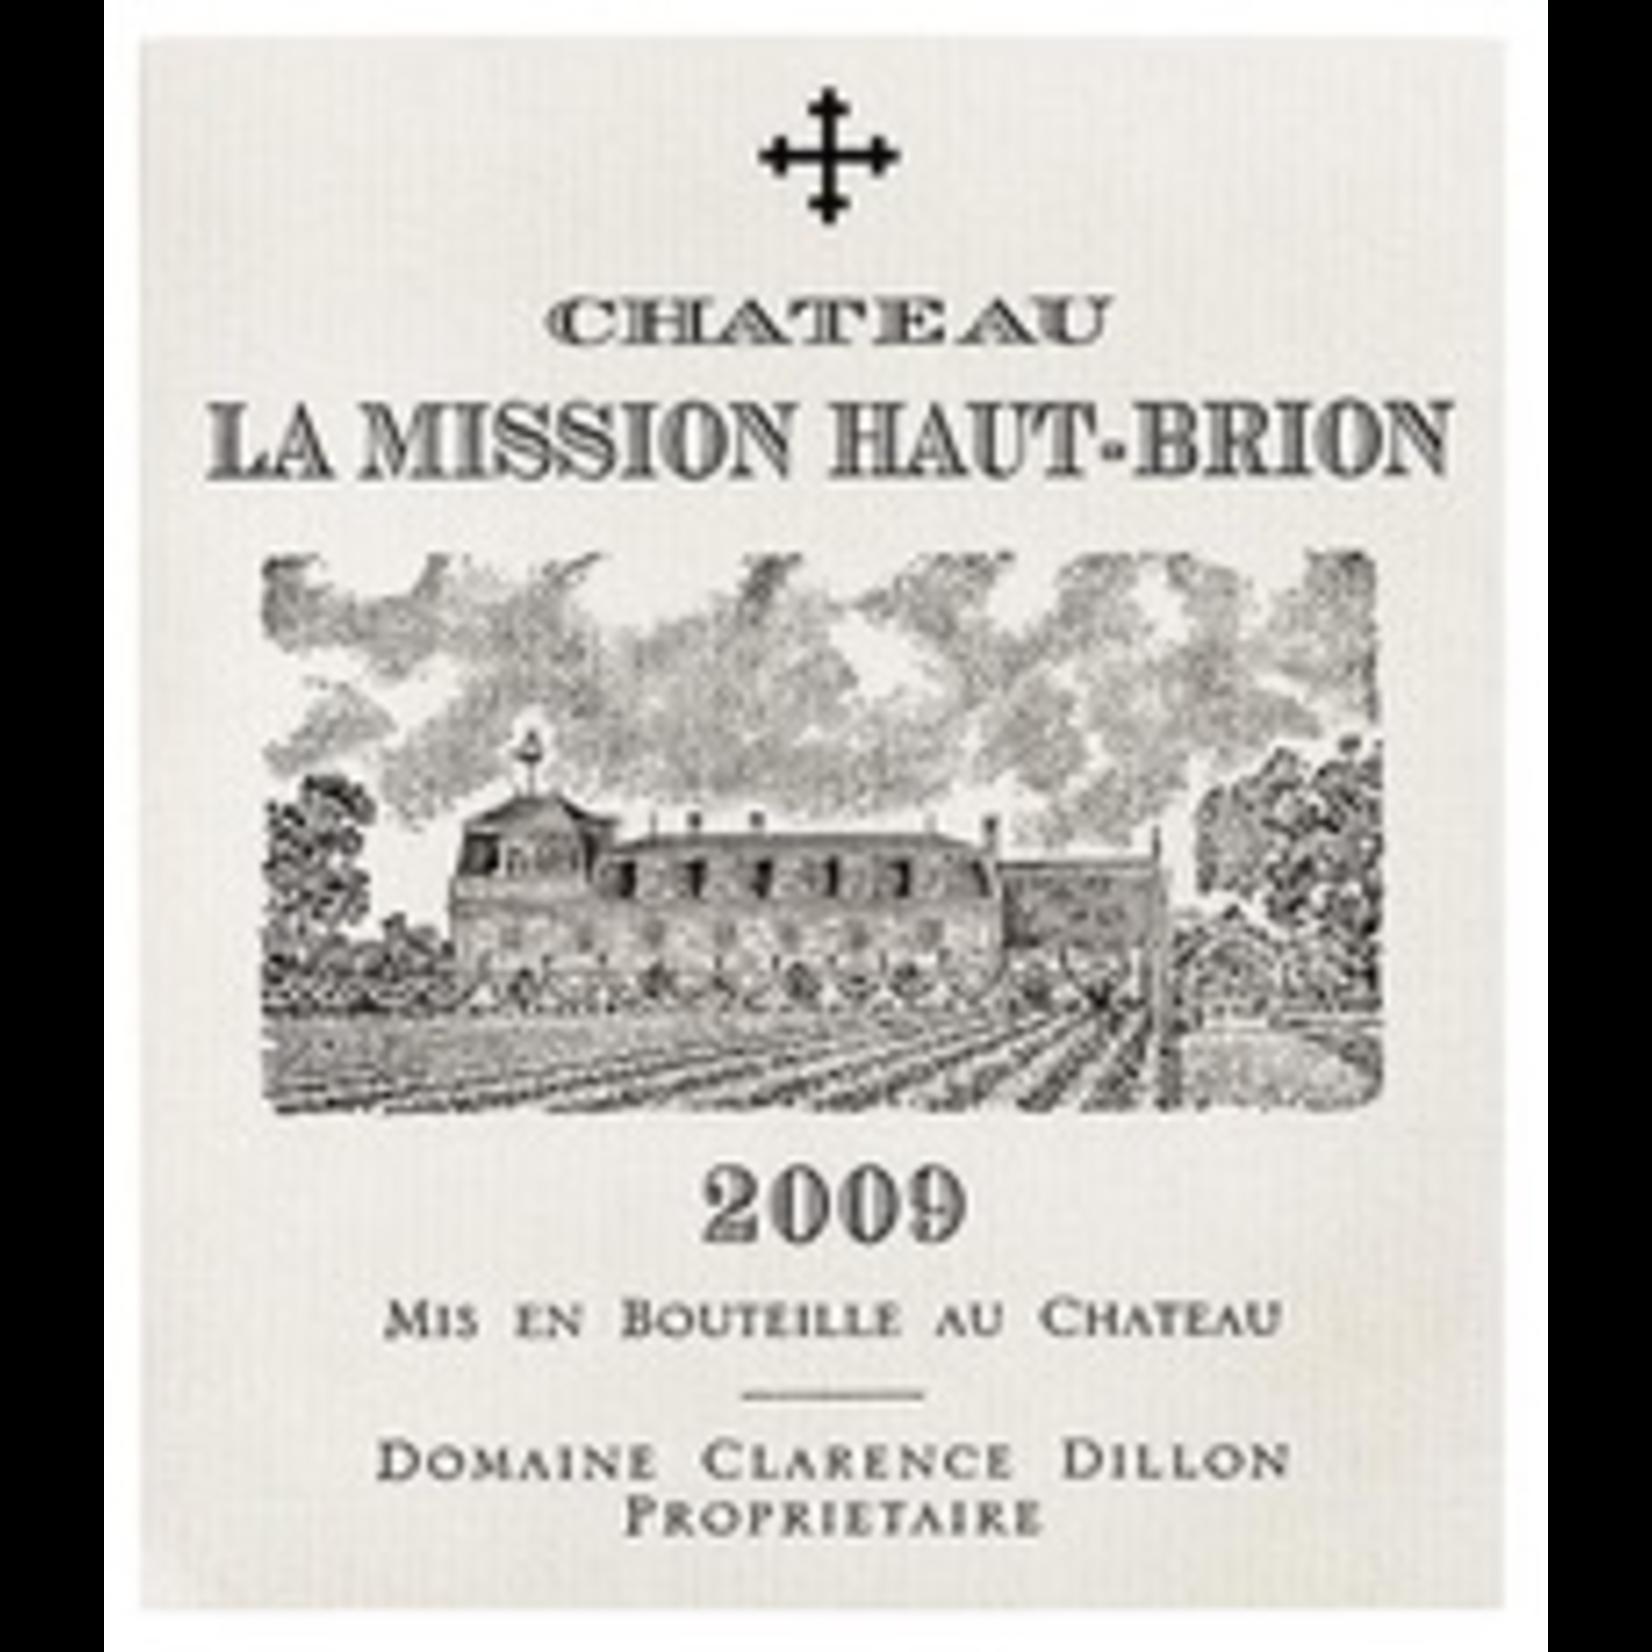 Wine Chateau La Mission Haut Brion 2009